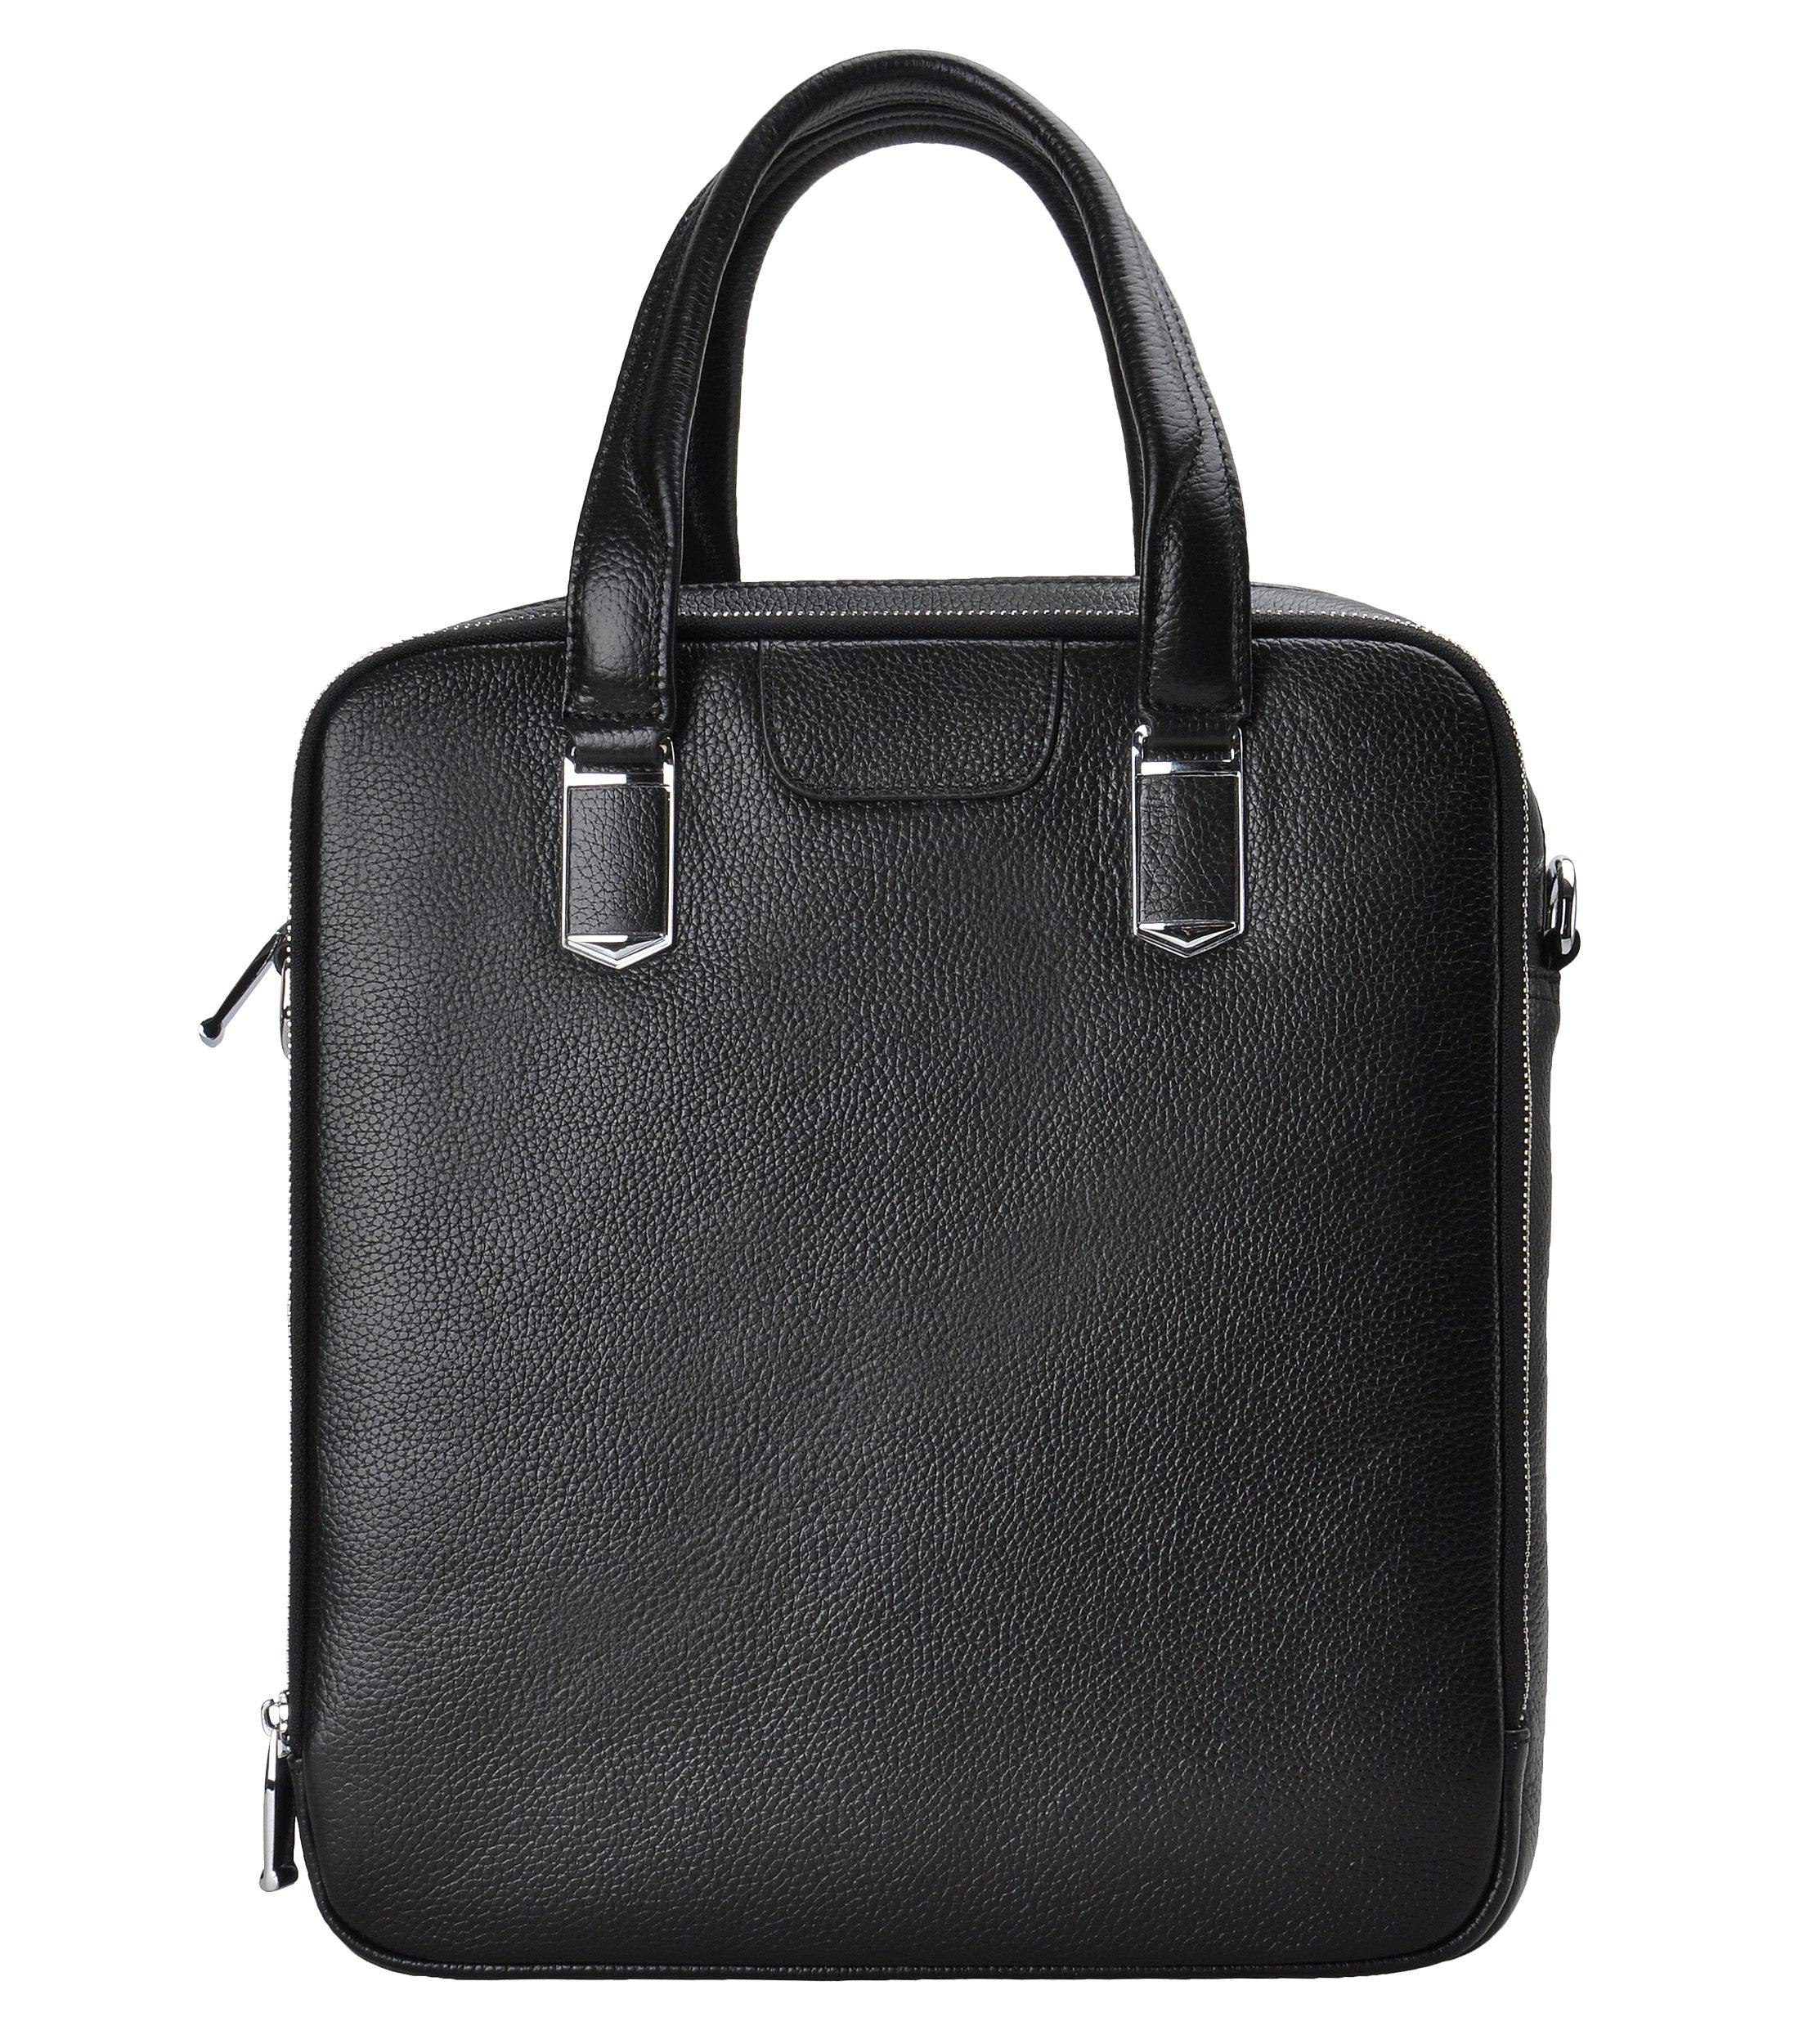 ZLYC Men Genuine Leather Messenger Bag Simple Shoulder Bag Casual Handbag, Small